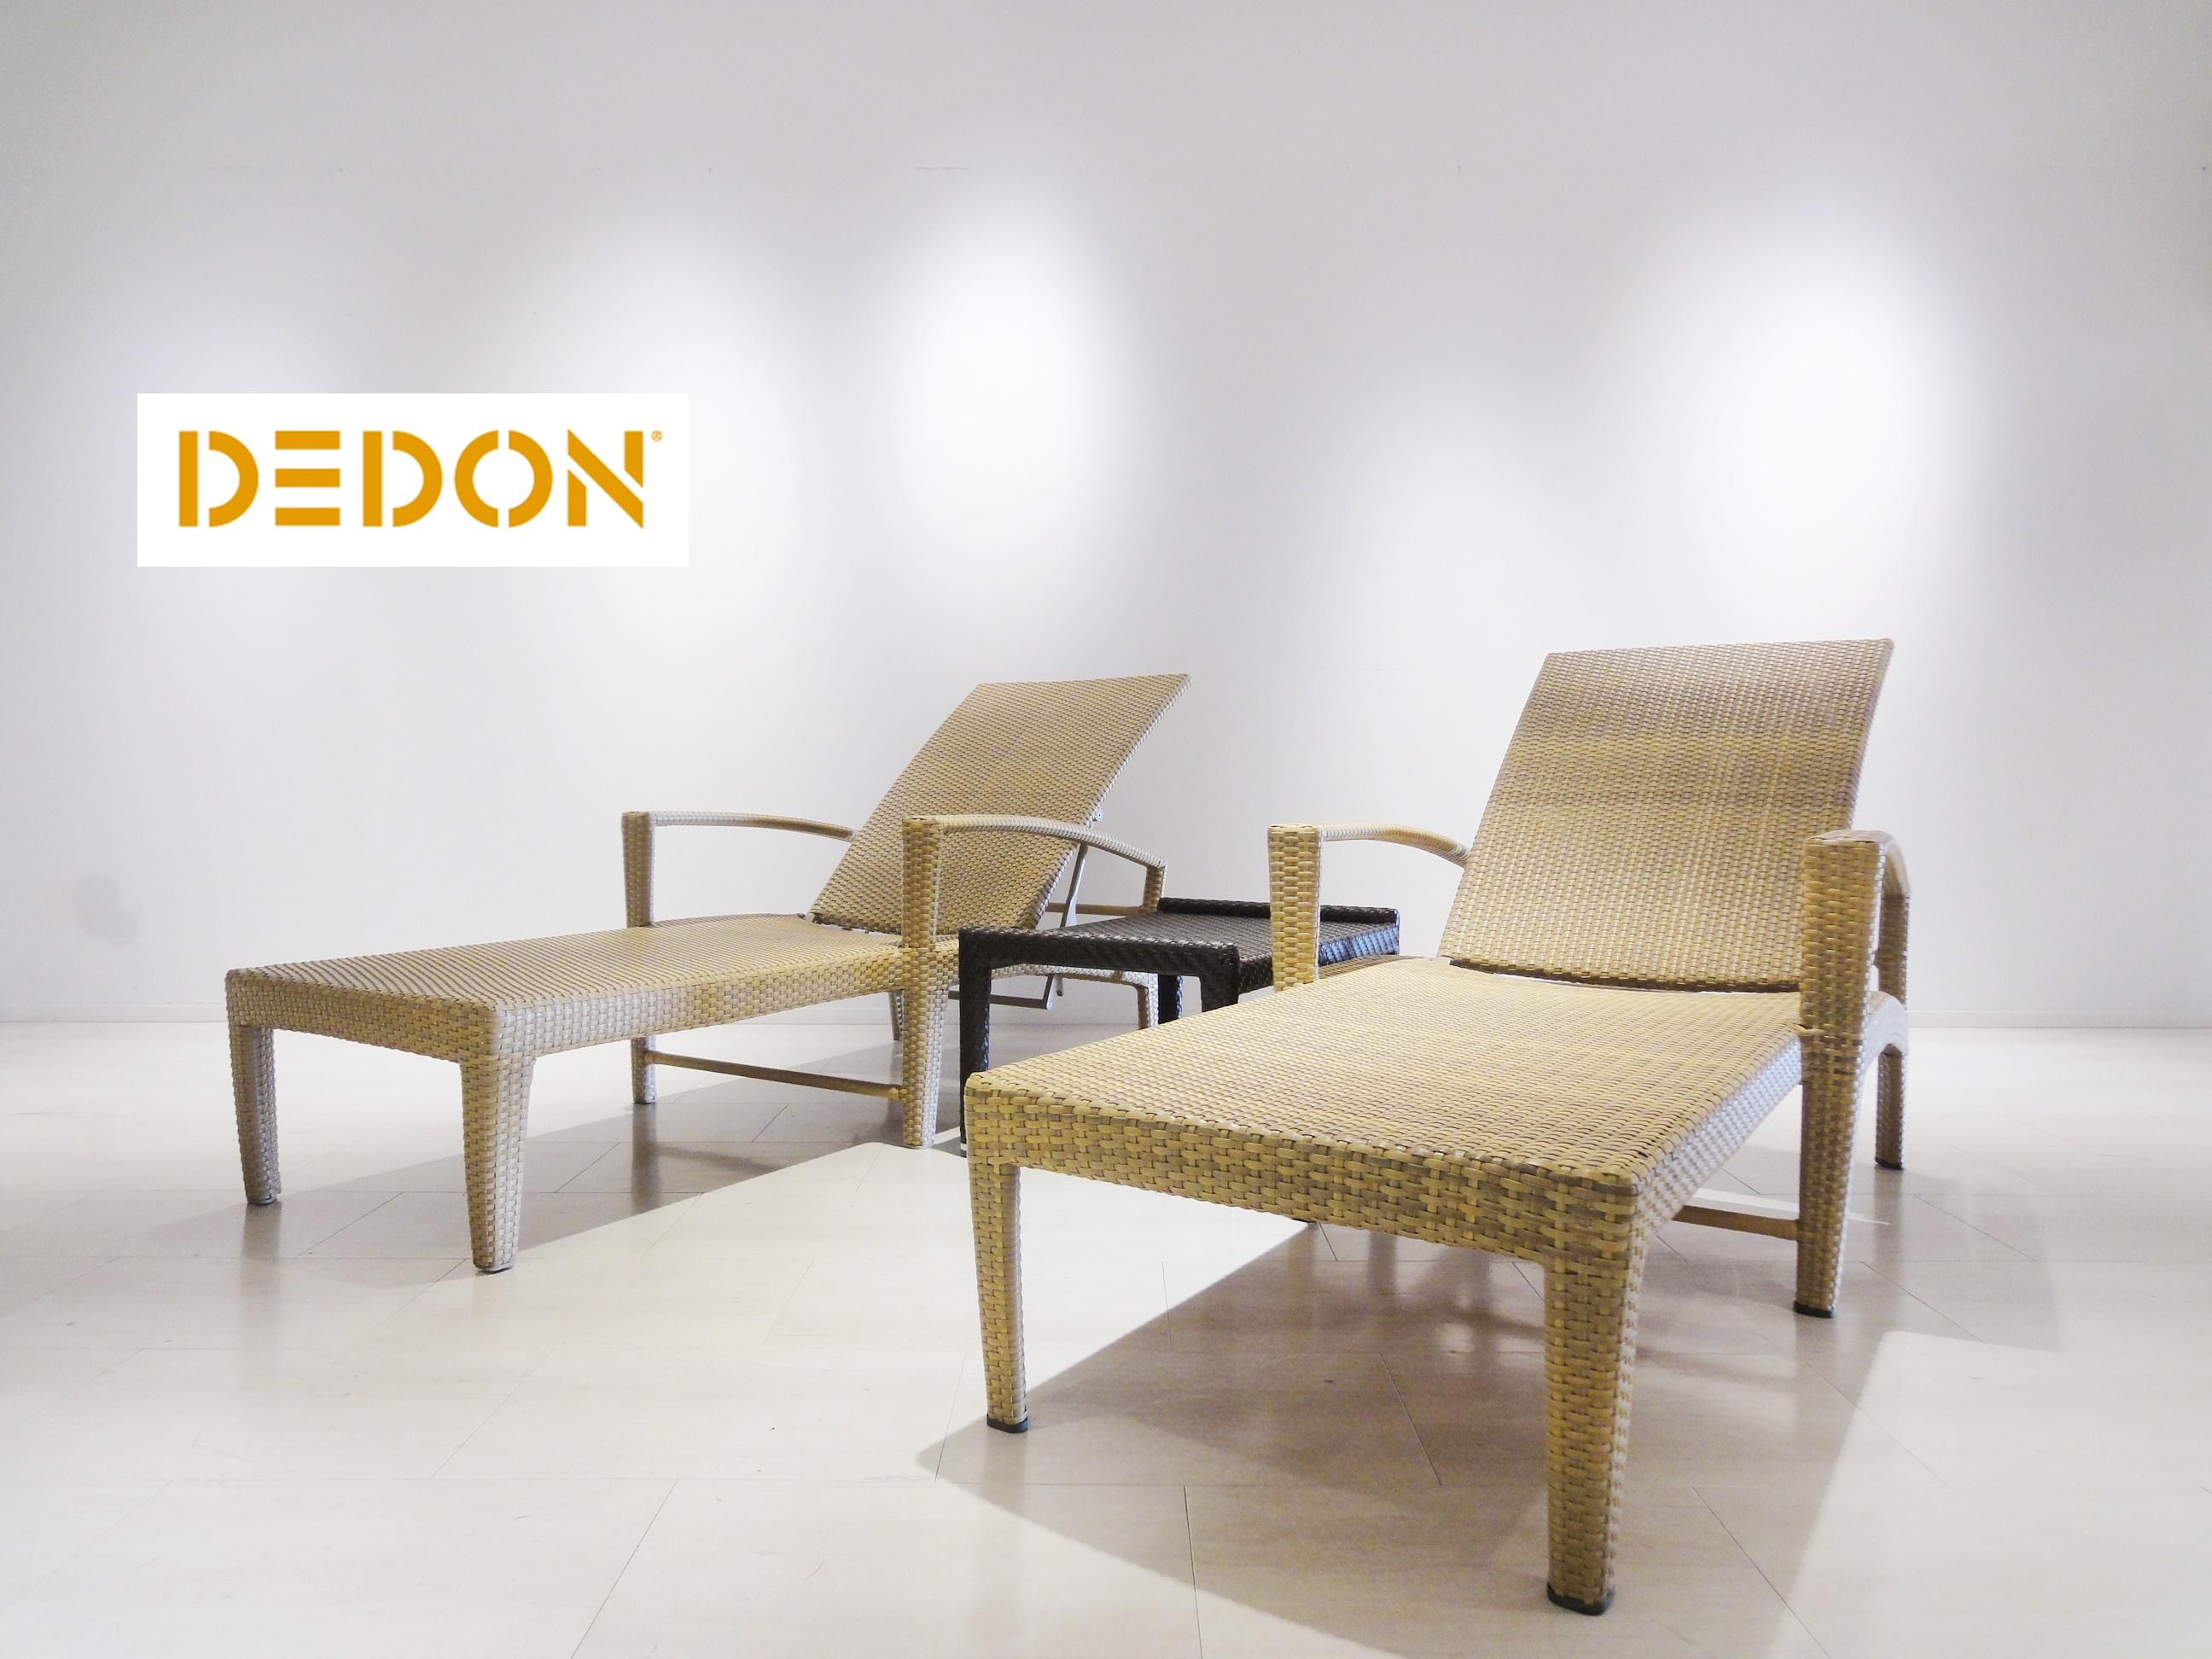 ●東京都目黒区より【DEDON/デドン パナマ チェア2脚、サイドテーブル】を出張買取いたしました。